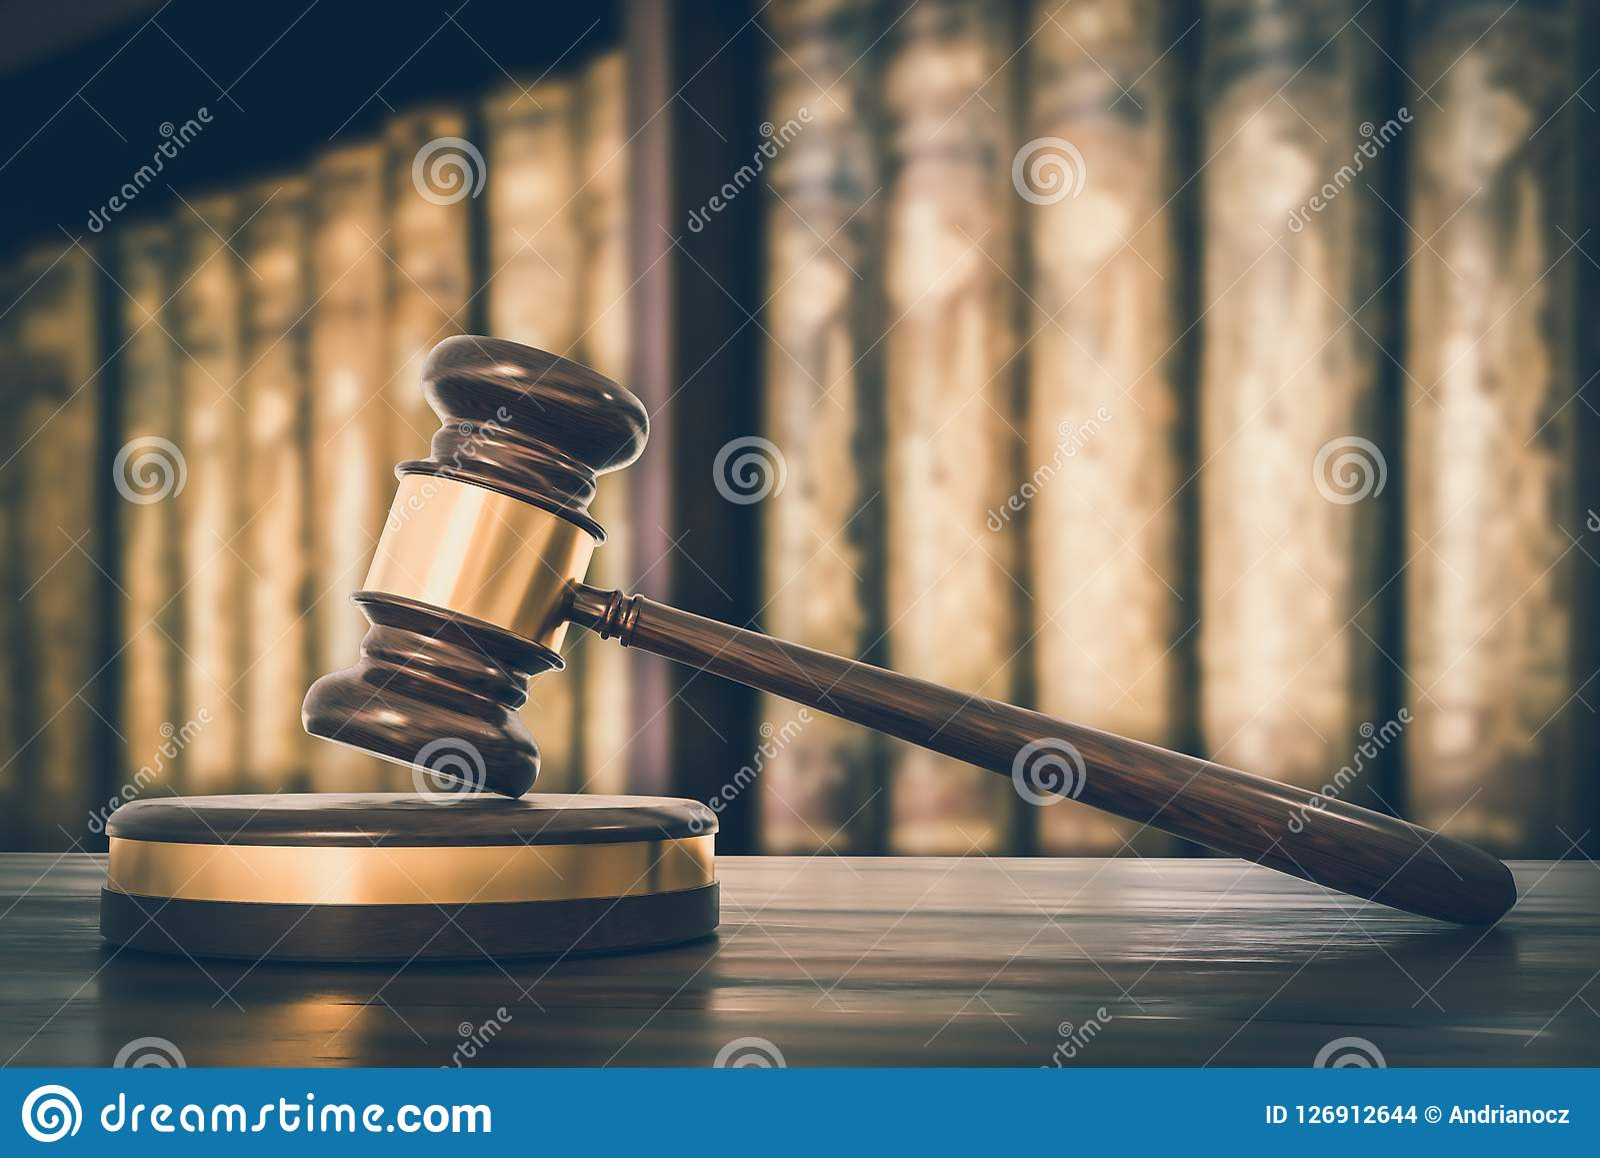 Martelo e livros de lei de madeira no escritório de advogados - estilo retro